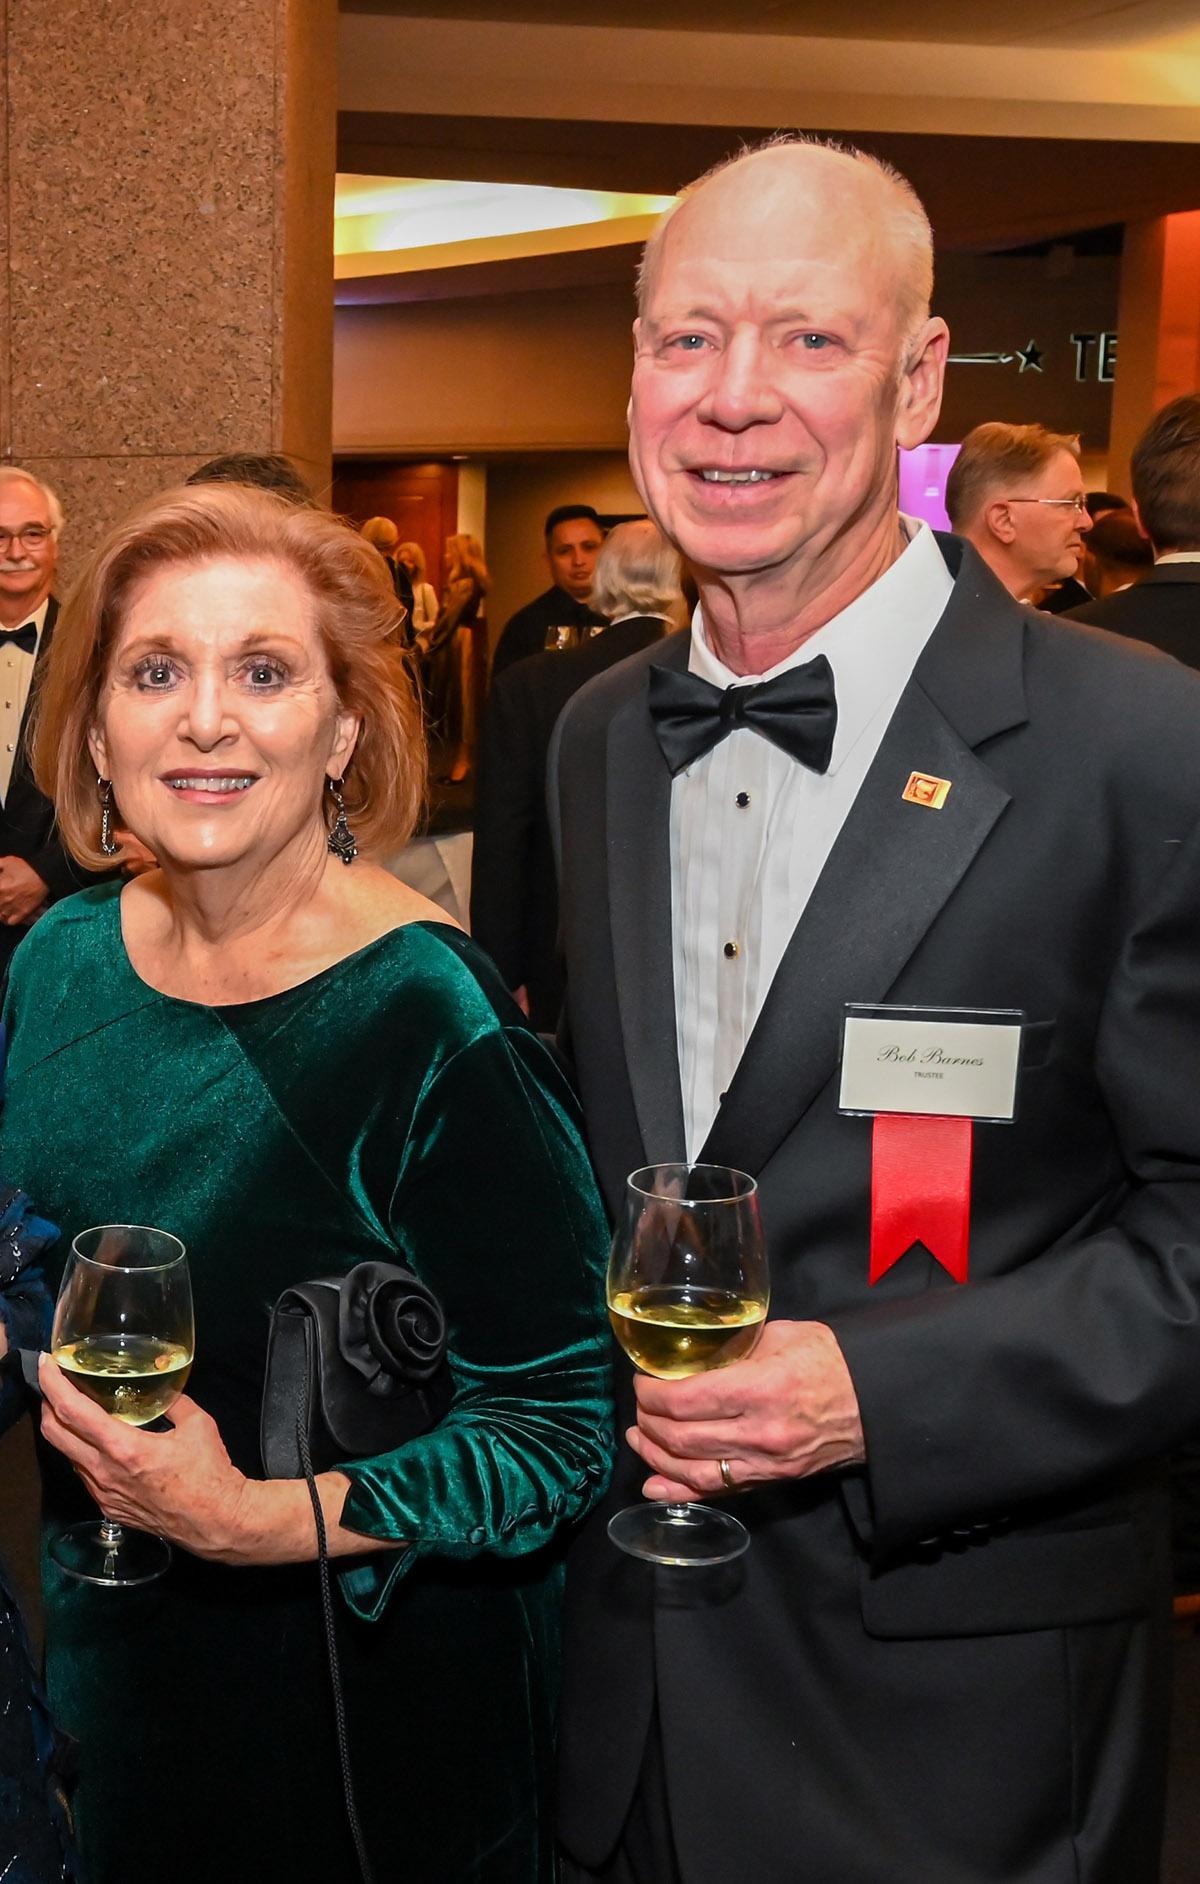 Laura and Bob Barnes